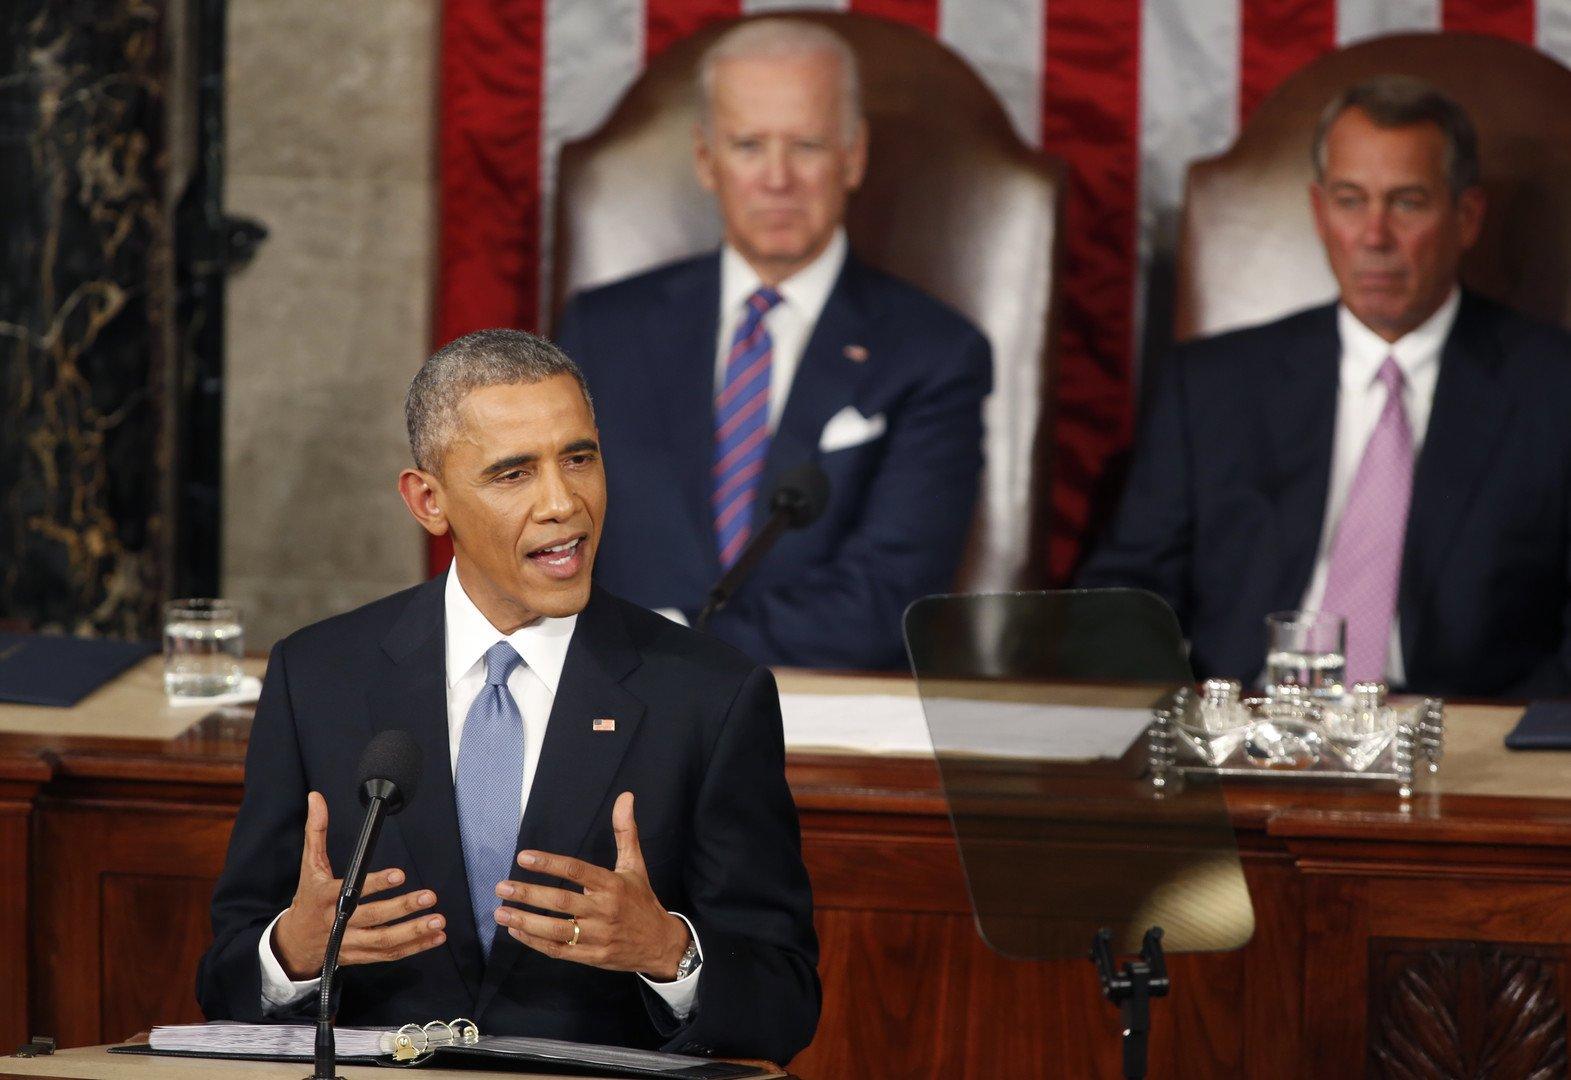 Le discours de Barak Obama sur l'état de l'Union le 20 janvier 2015. (REUTERS/Larry Downing)